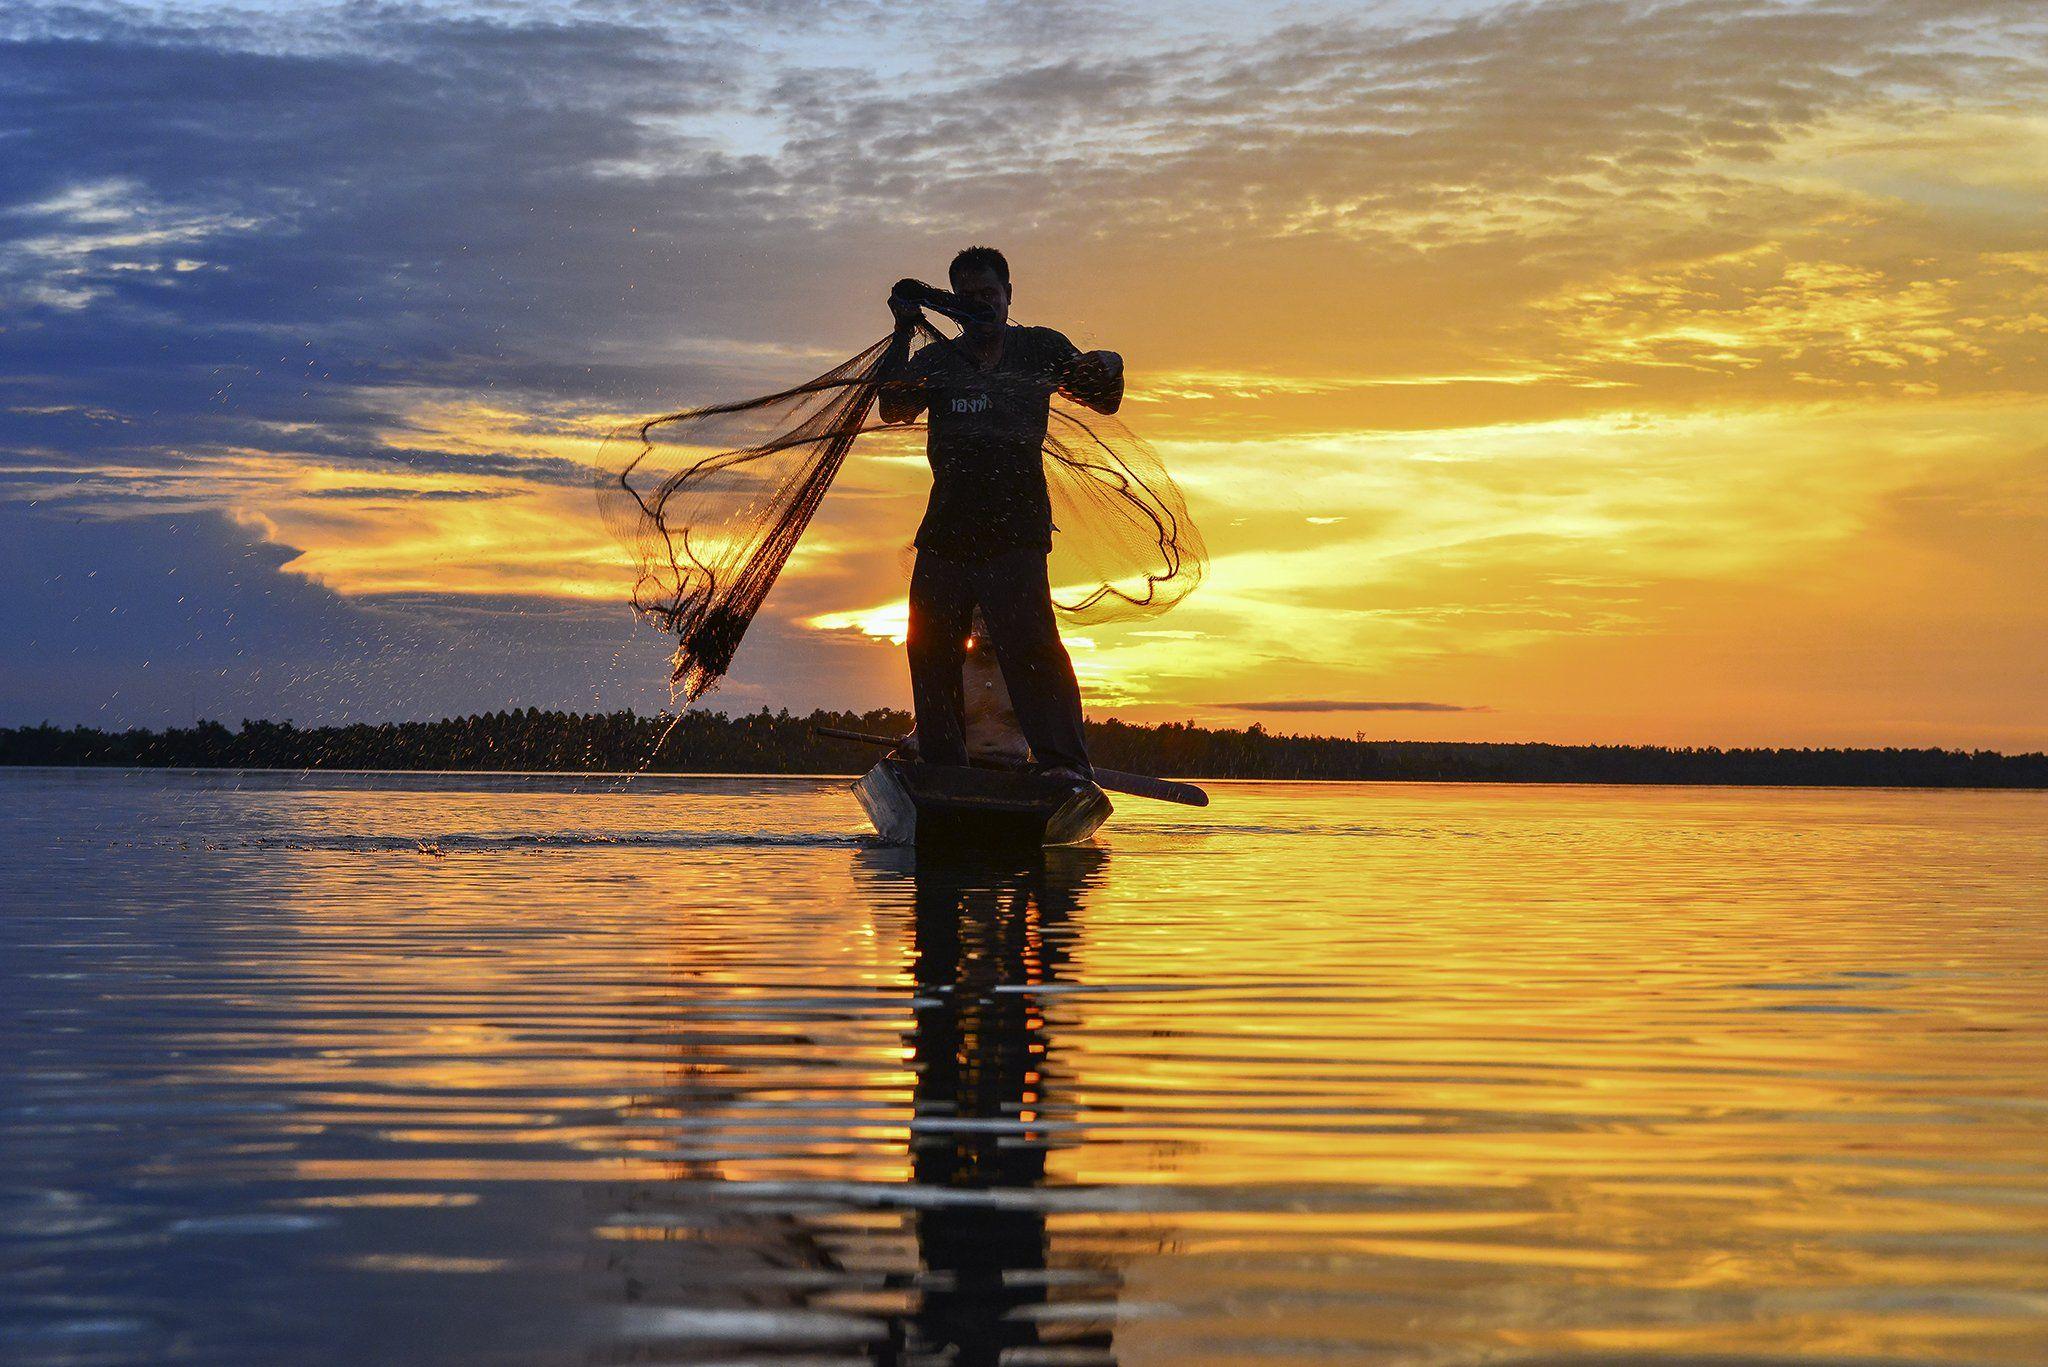 Asia, Asian, Fisherman, Fishing, Journey, Nets, Ocean, Sea, Sun, Sunlight, Sunset, Thailand, Travel, Water, Saravut Whanset